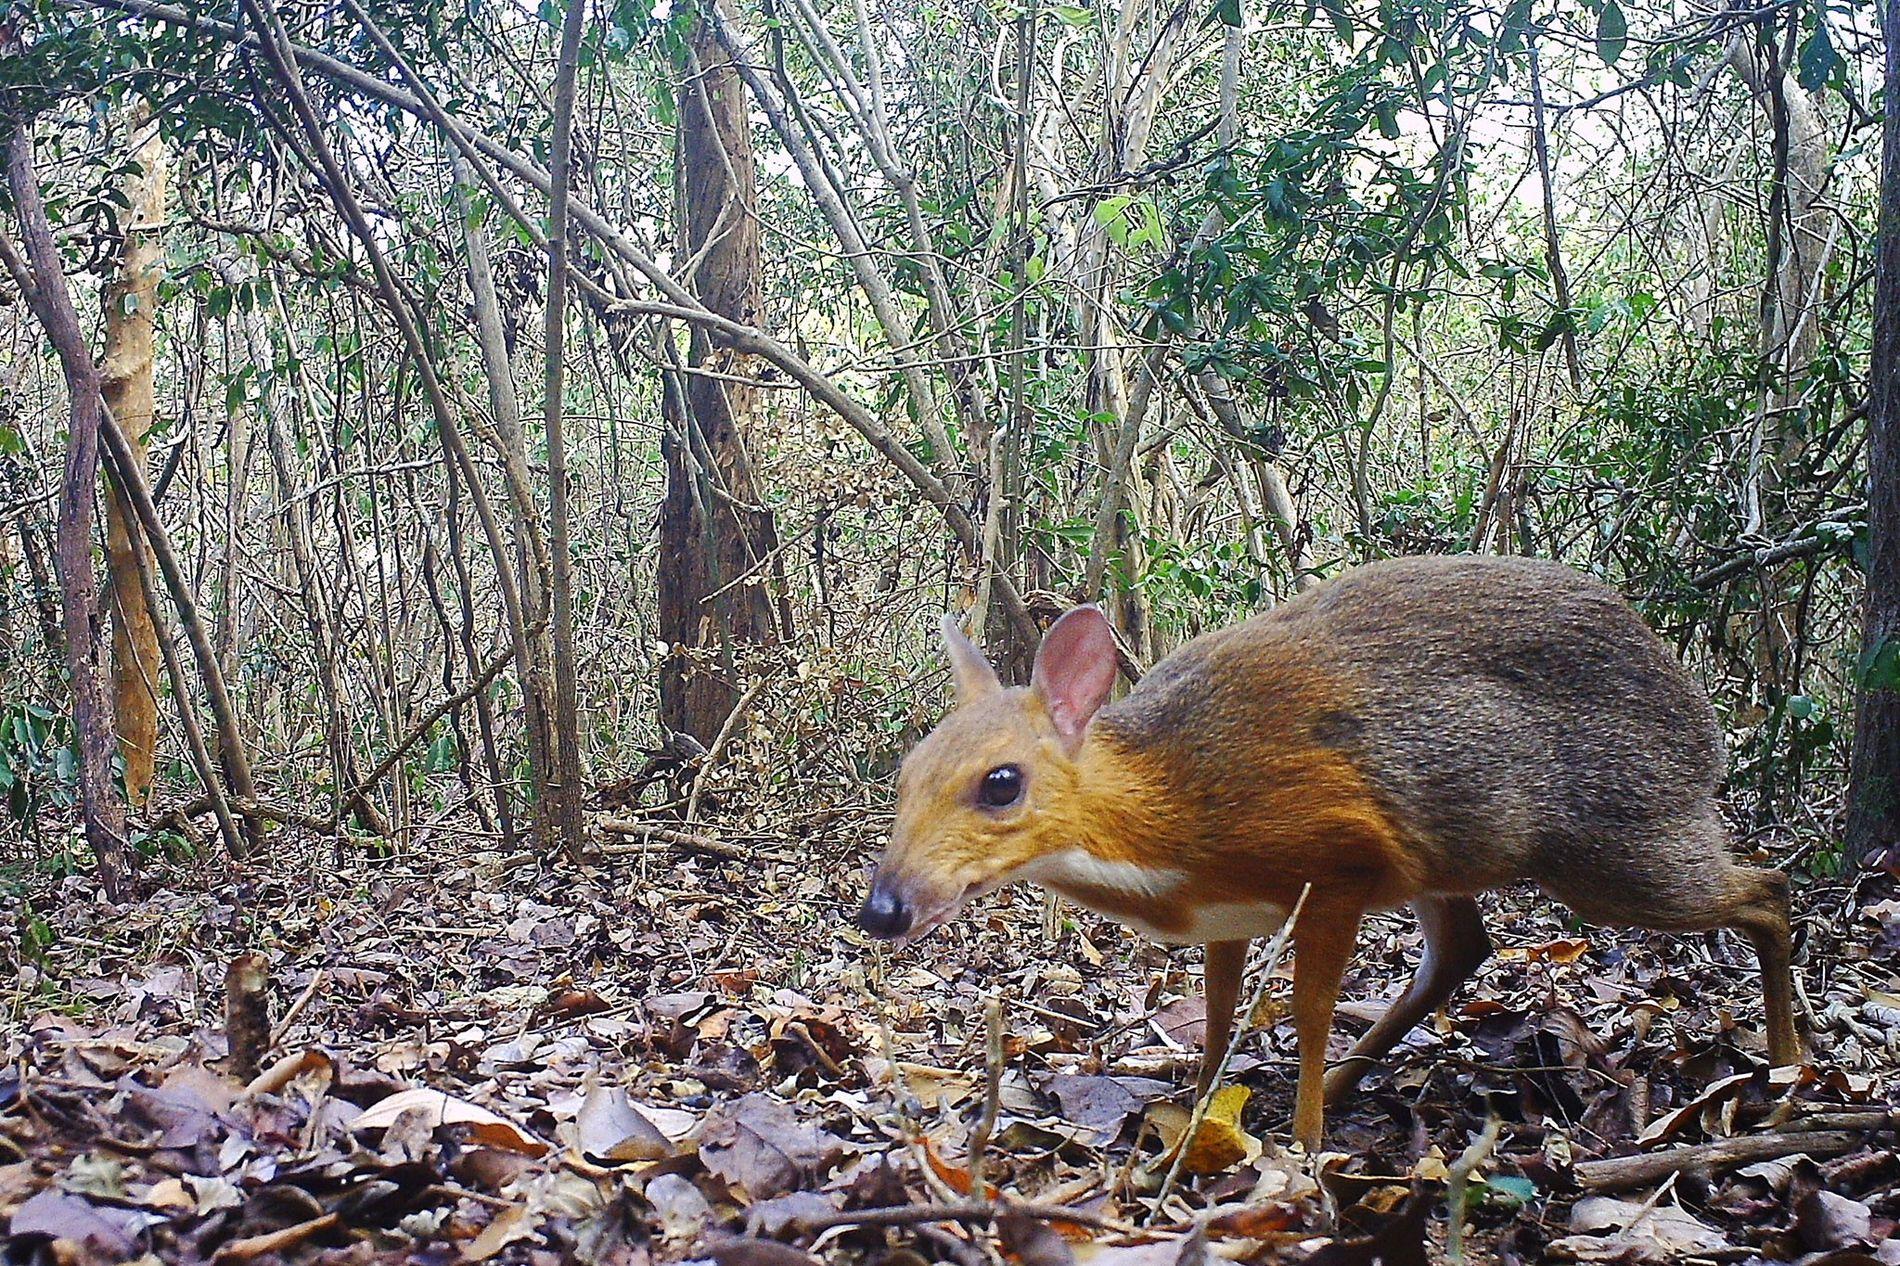 Una cámara trampa capturó una foto de un ciervo ratón con espalda plateada (Tragulus versicolor), que ...